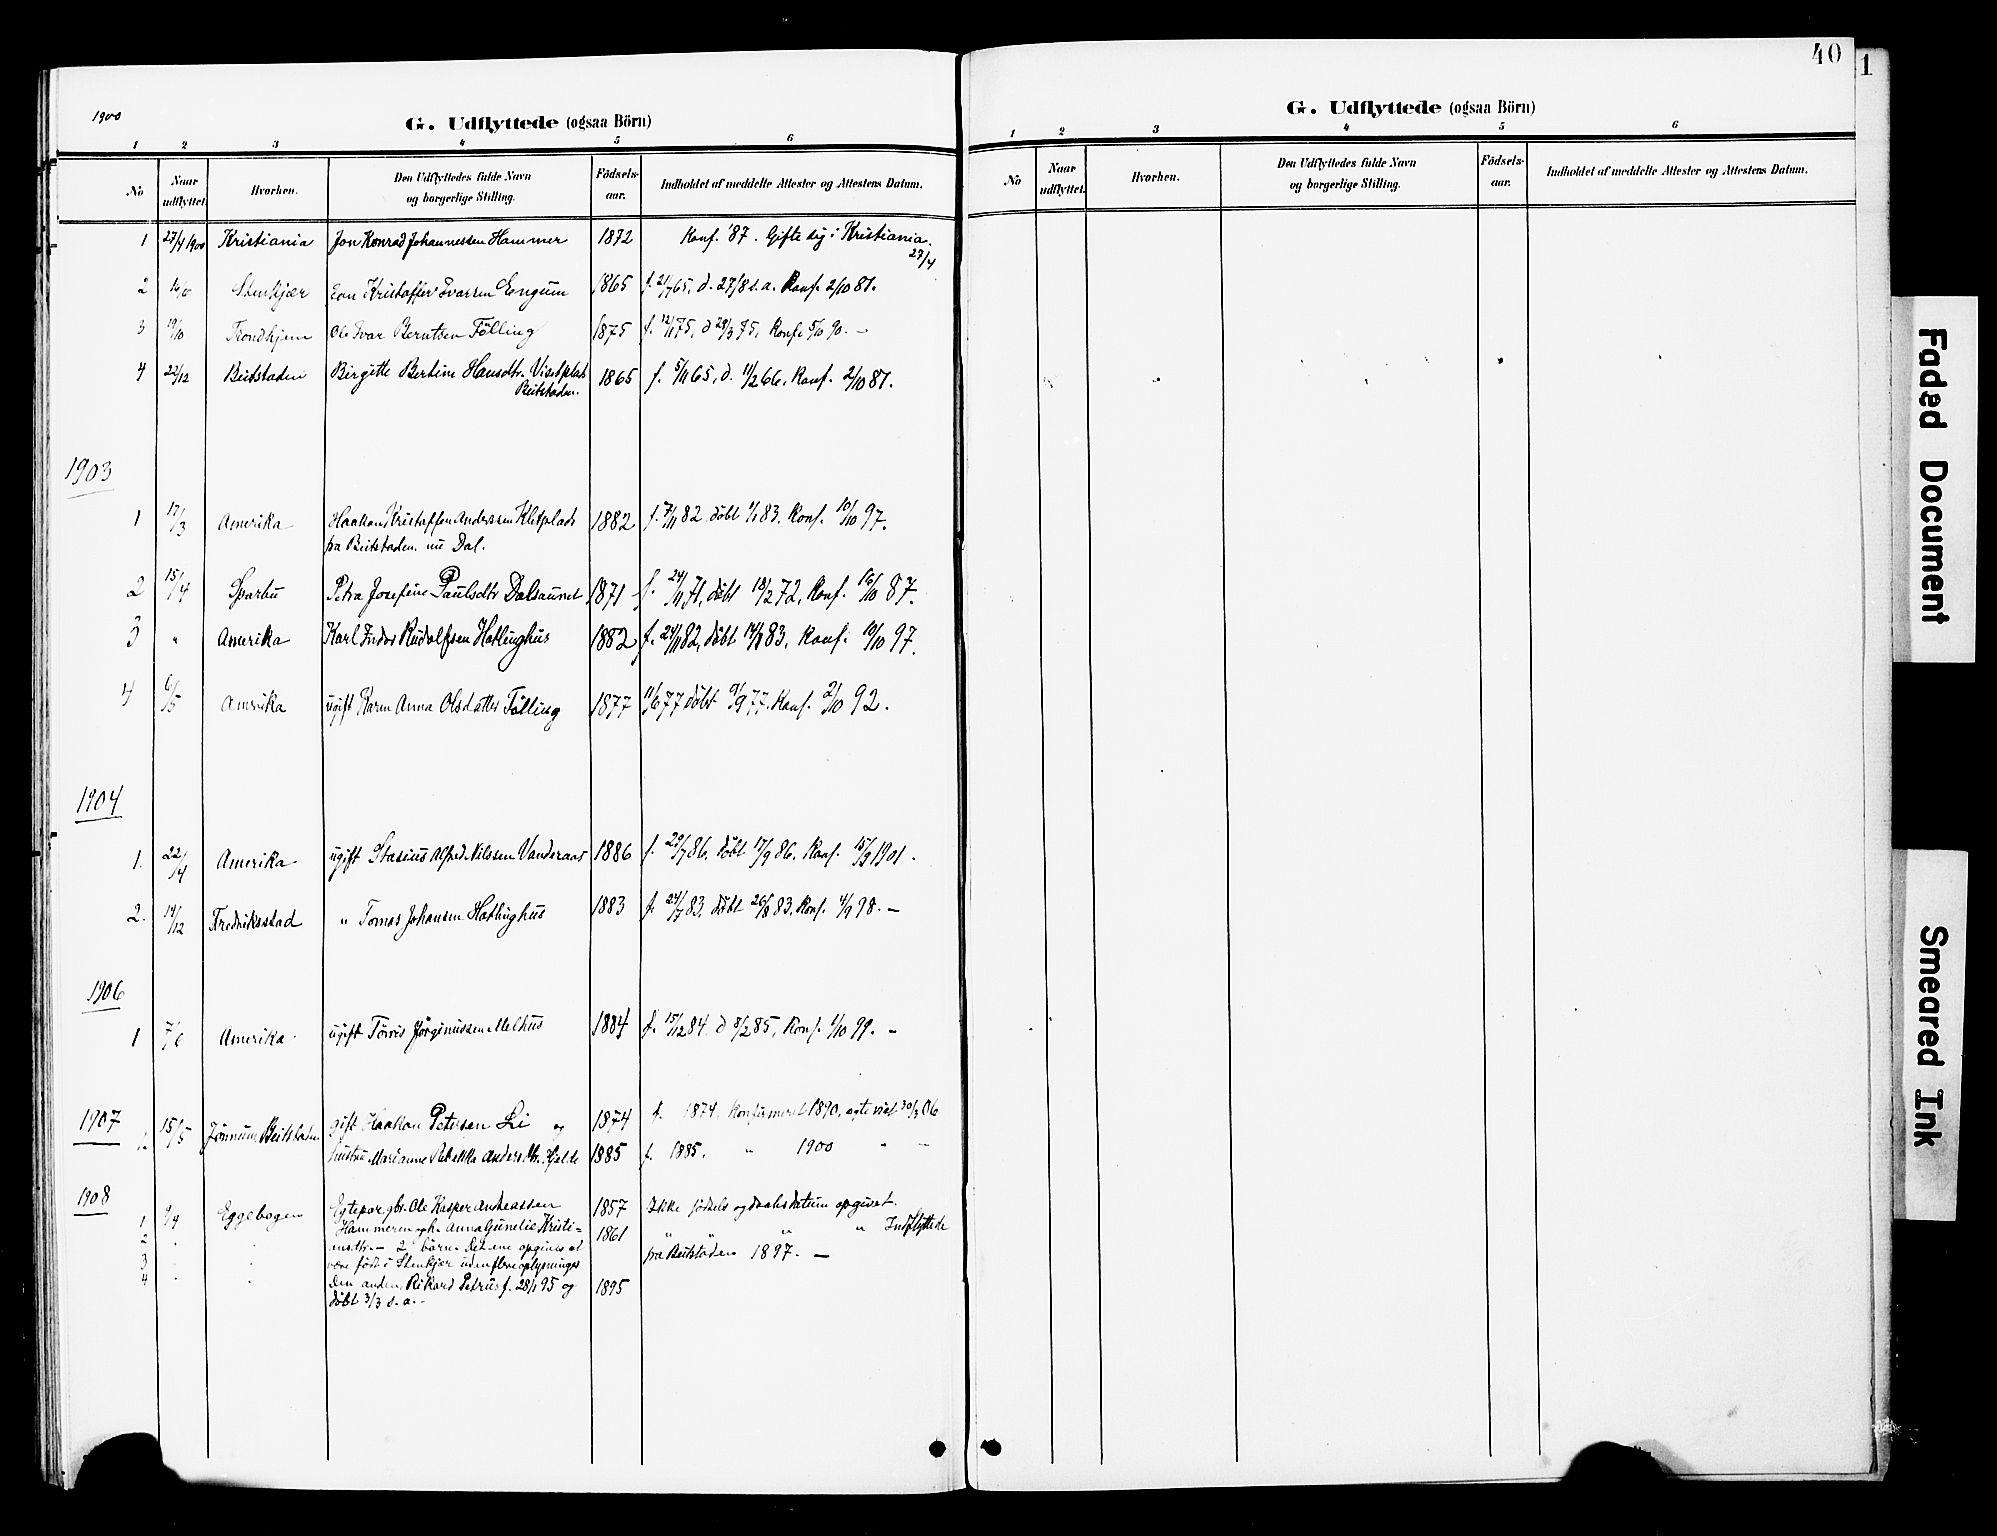 SAT, Ministerialprotokoller, klokkerbøker og fødselsregistre - Nord-Trøndelag, 748/L0464: Ministerialbok nr. 748A01, 1900-1908, s. 40